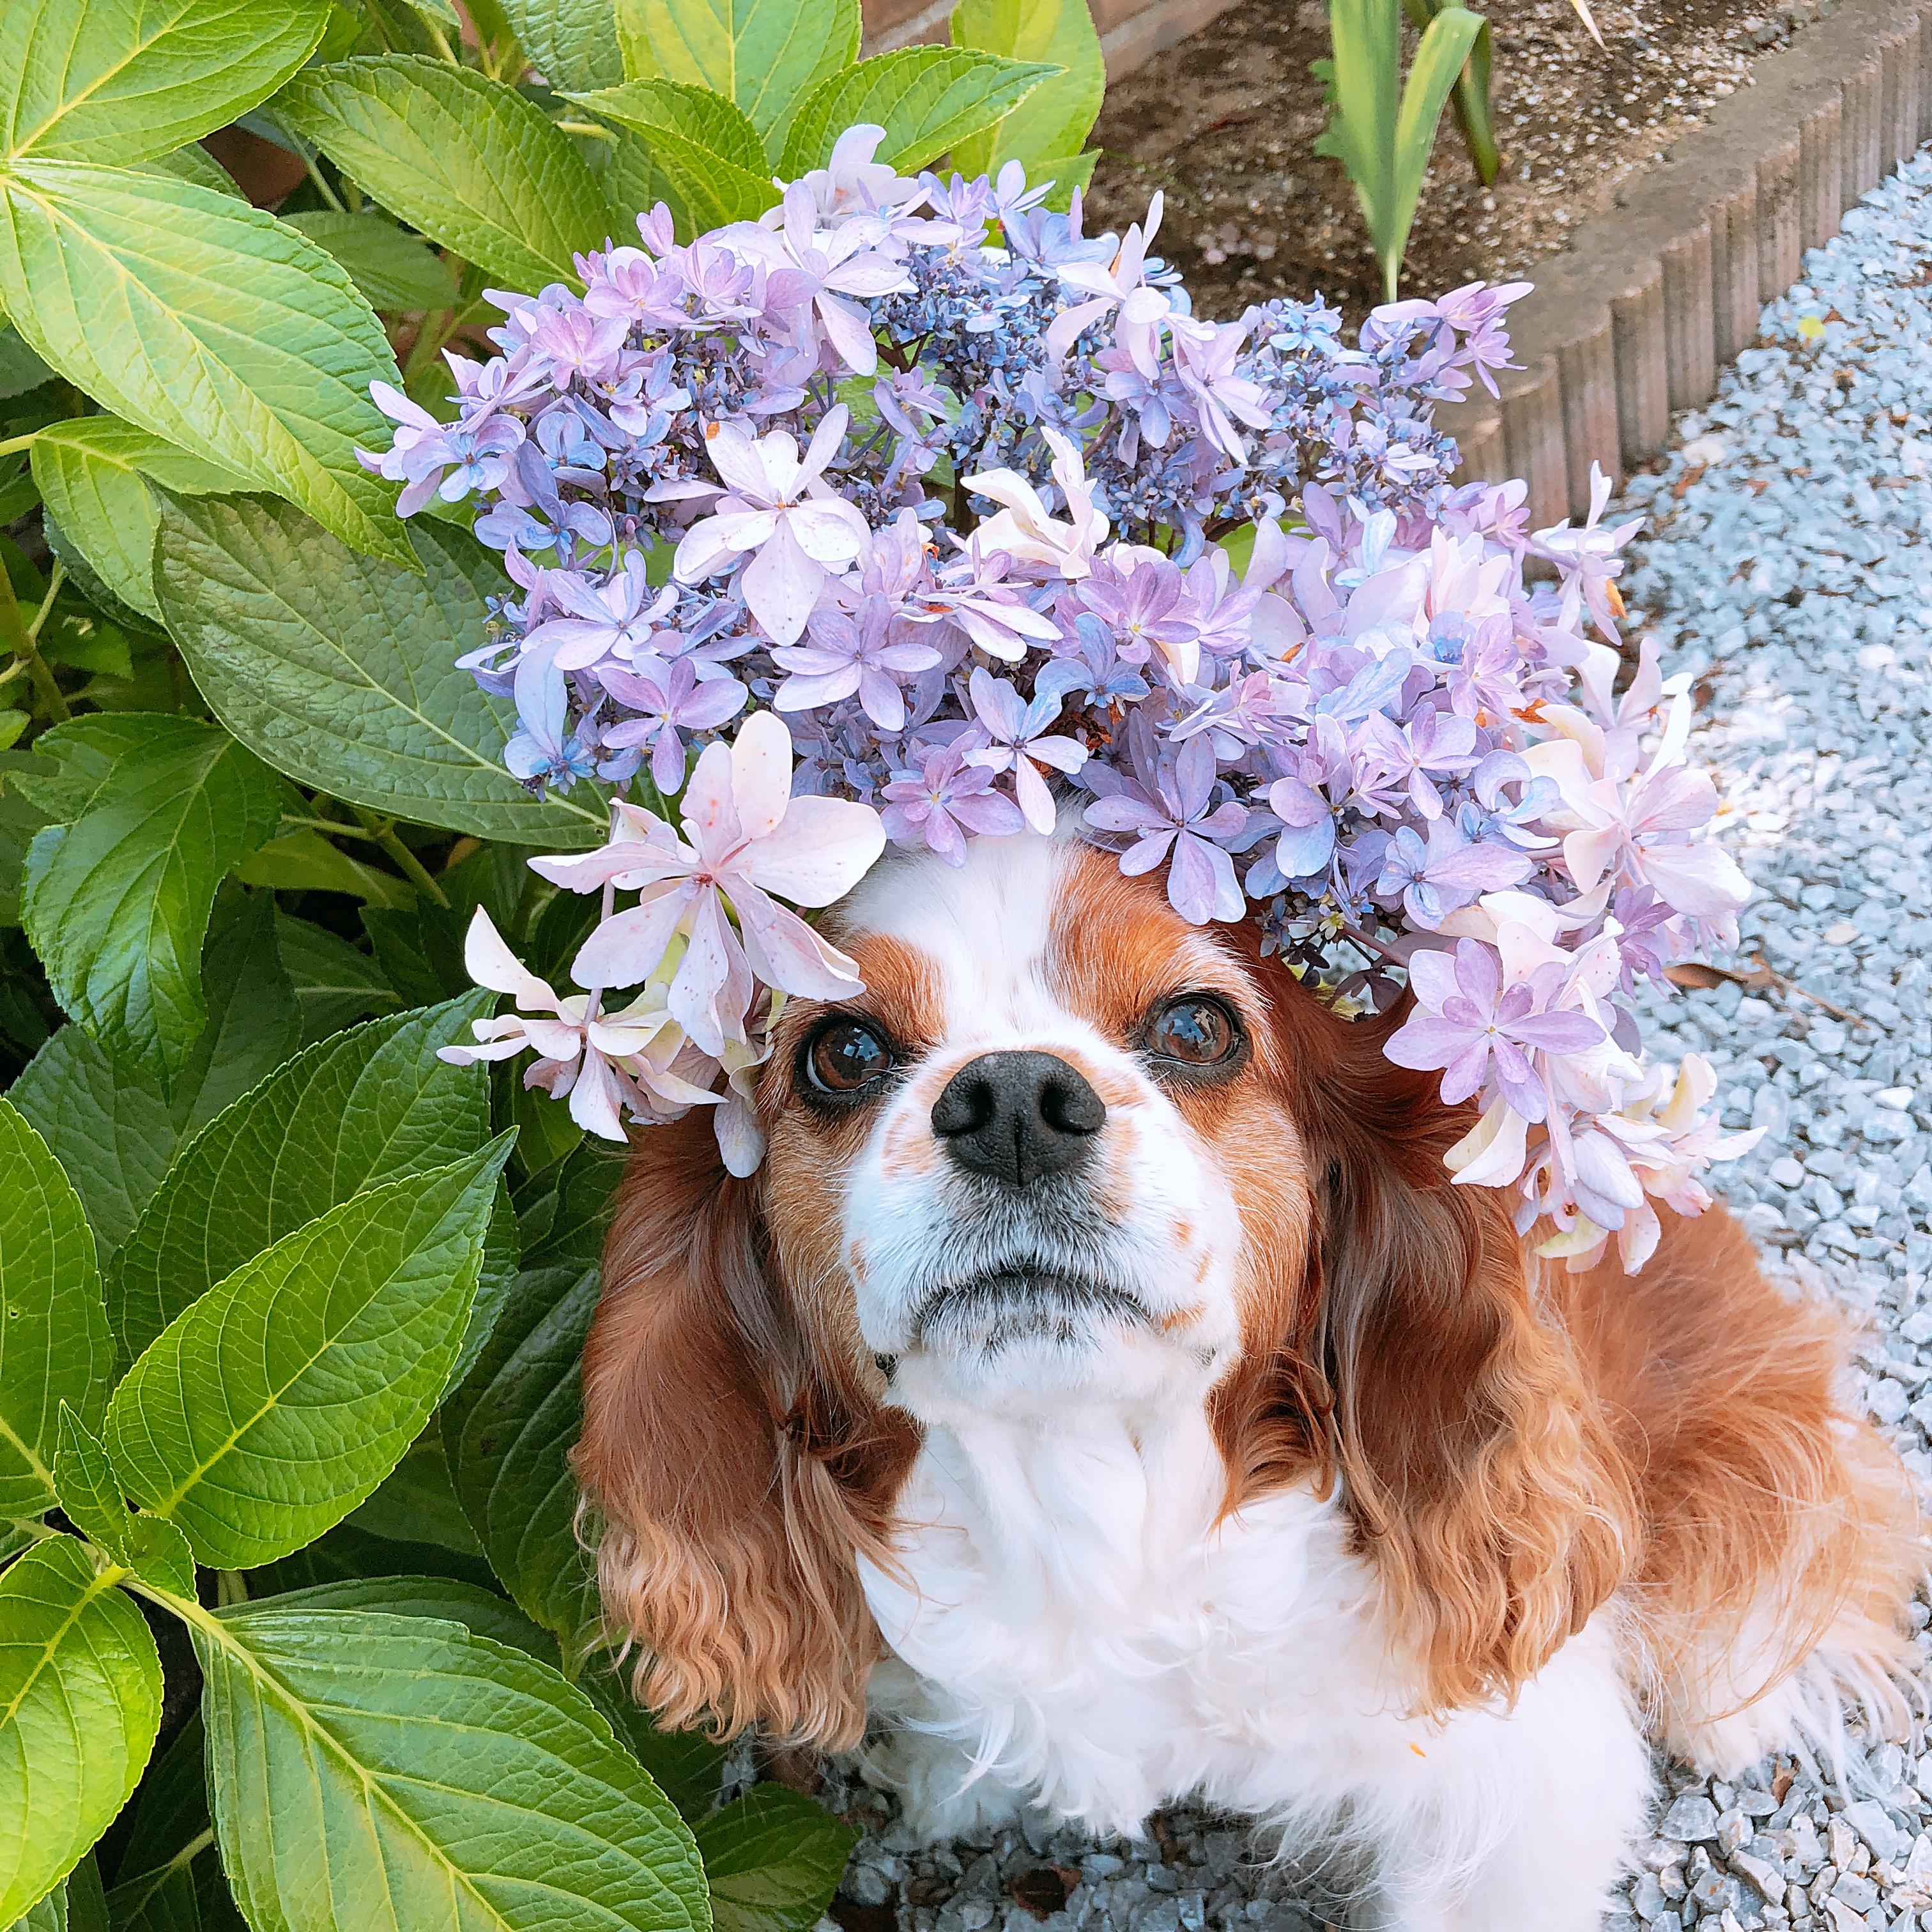 今が見頃♪千葉県茂原市にあるあじさい屋敷に愛犬と一緒におでかけしよう!